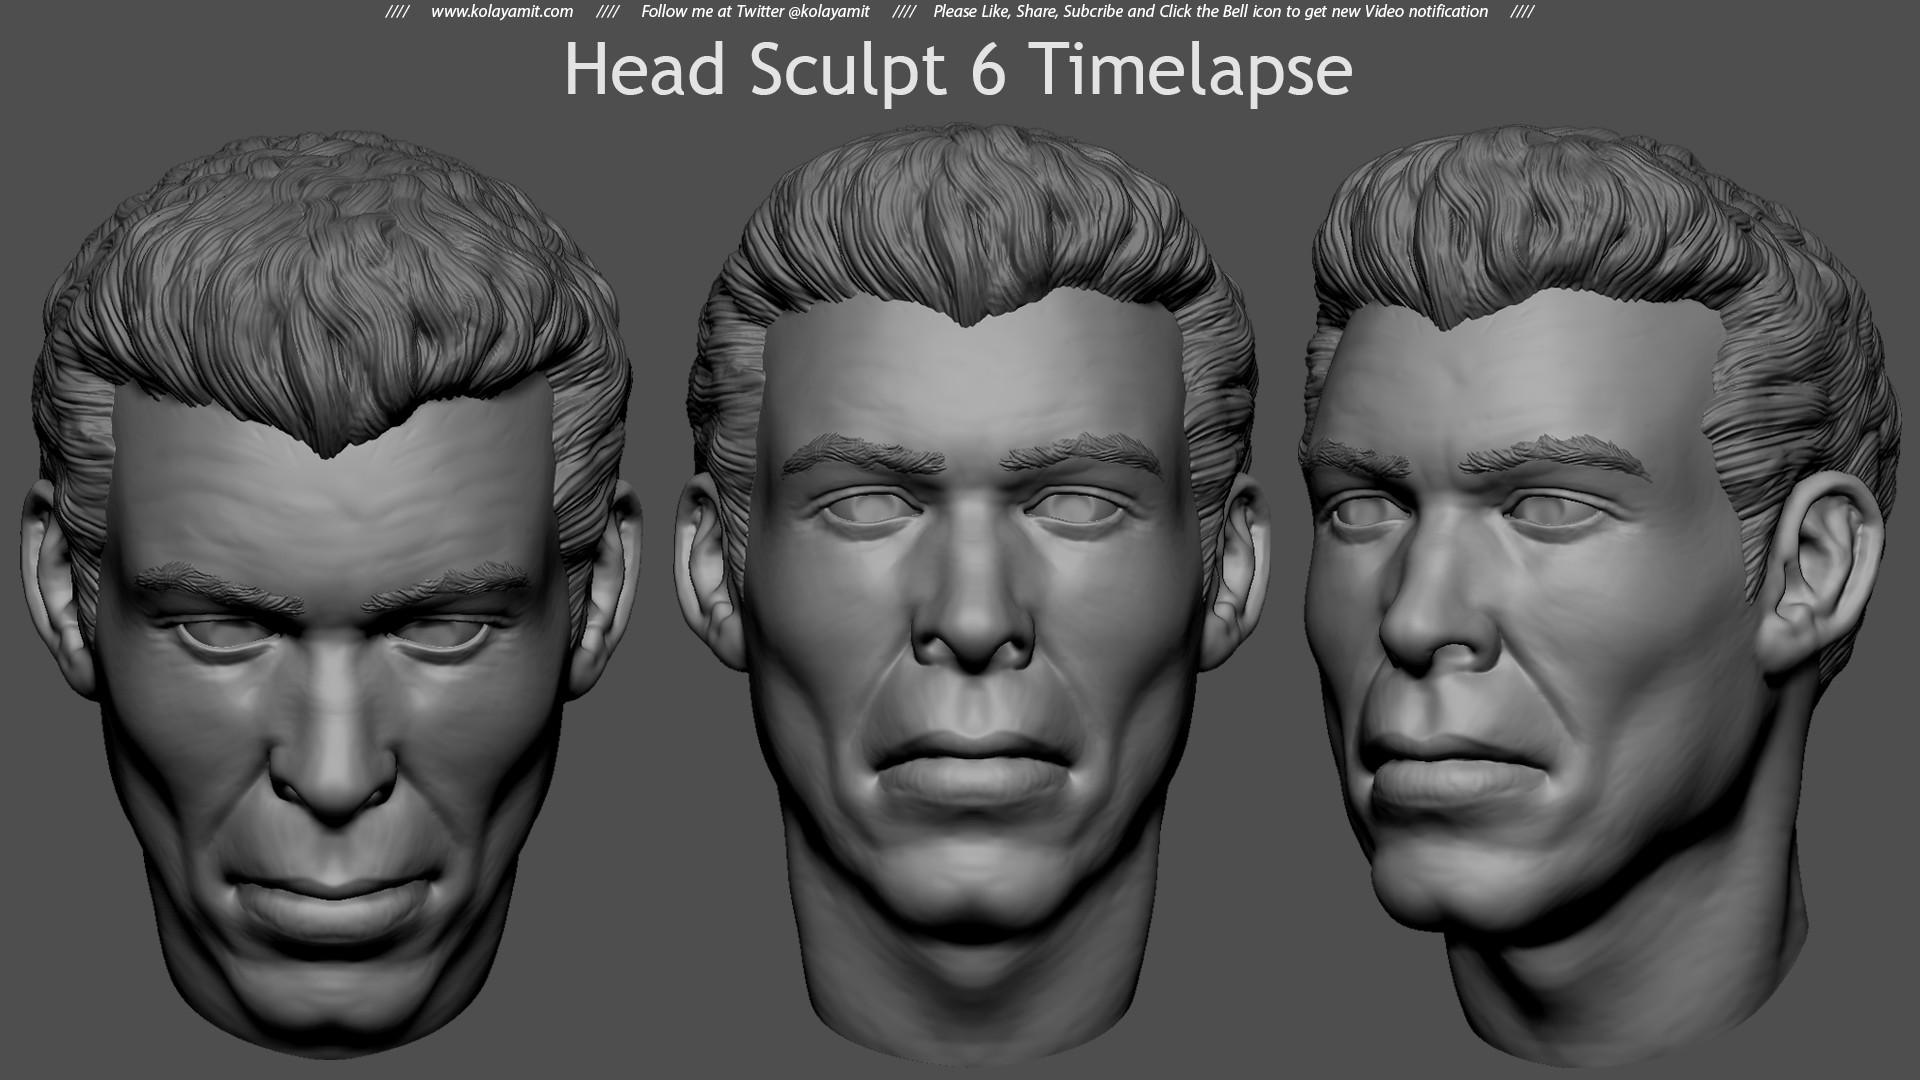 Amit kolay headsculpt6tl2